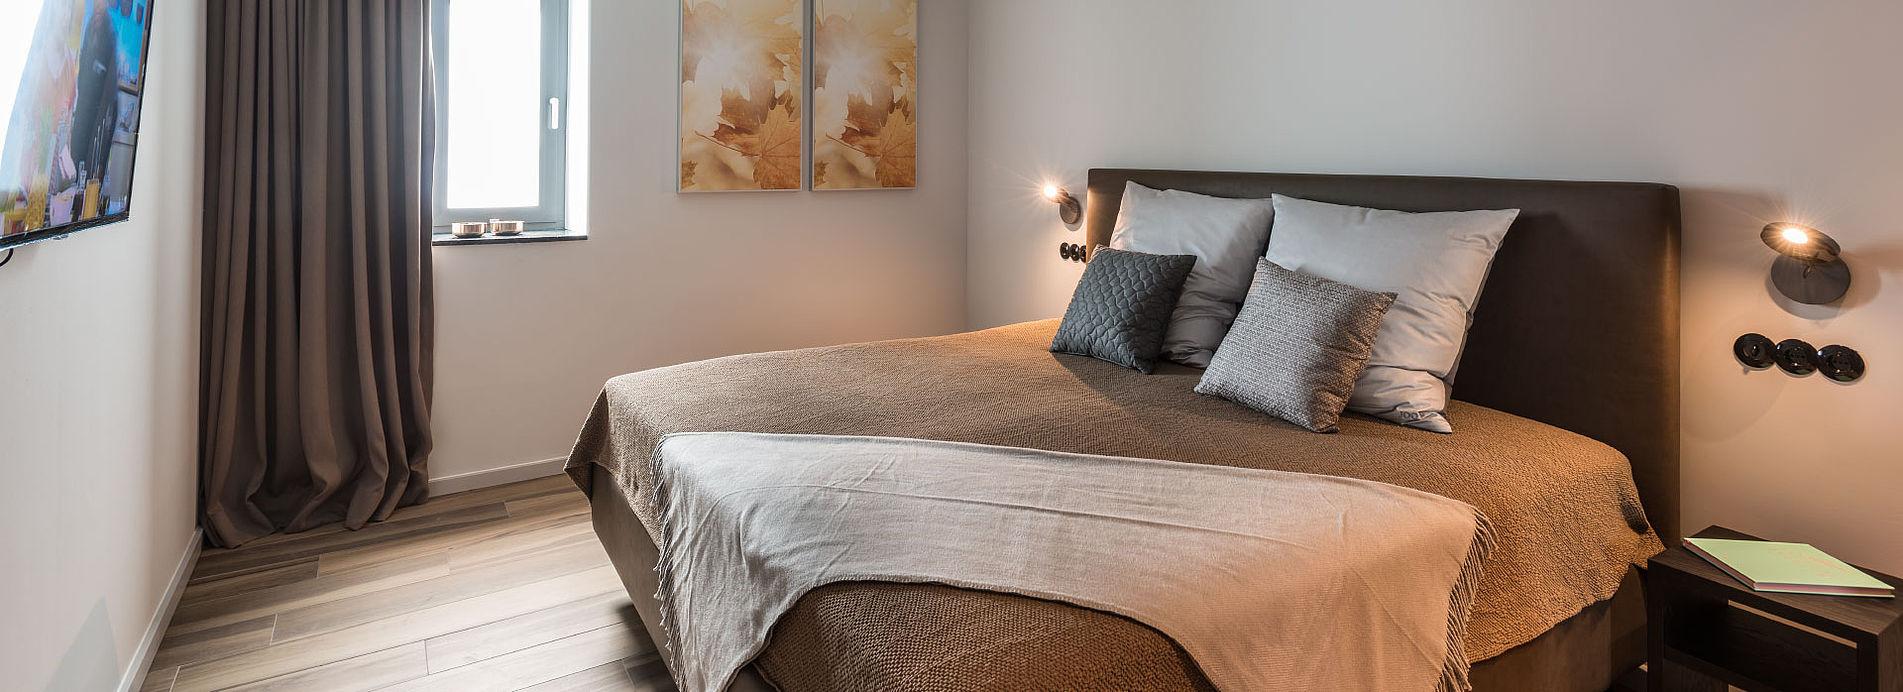 Golden Ball   Penthousewohnung Mit Dachterrasse Und Fußbodenheizung In  Künstlerischer Und Hochmoderner Athmosphäre   Penthouse Wohnungen